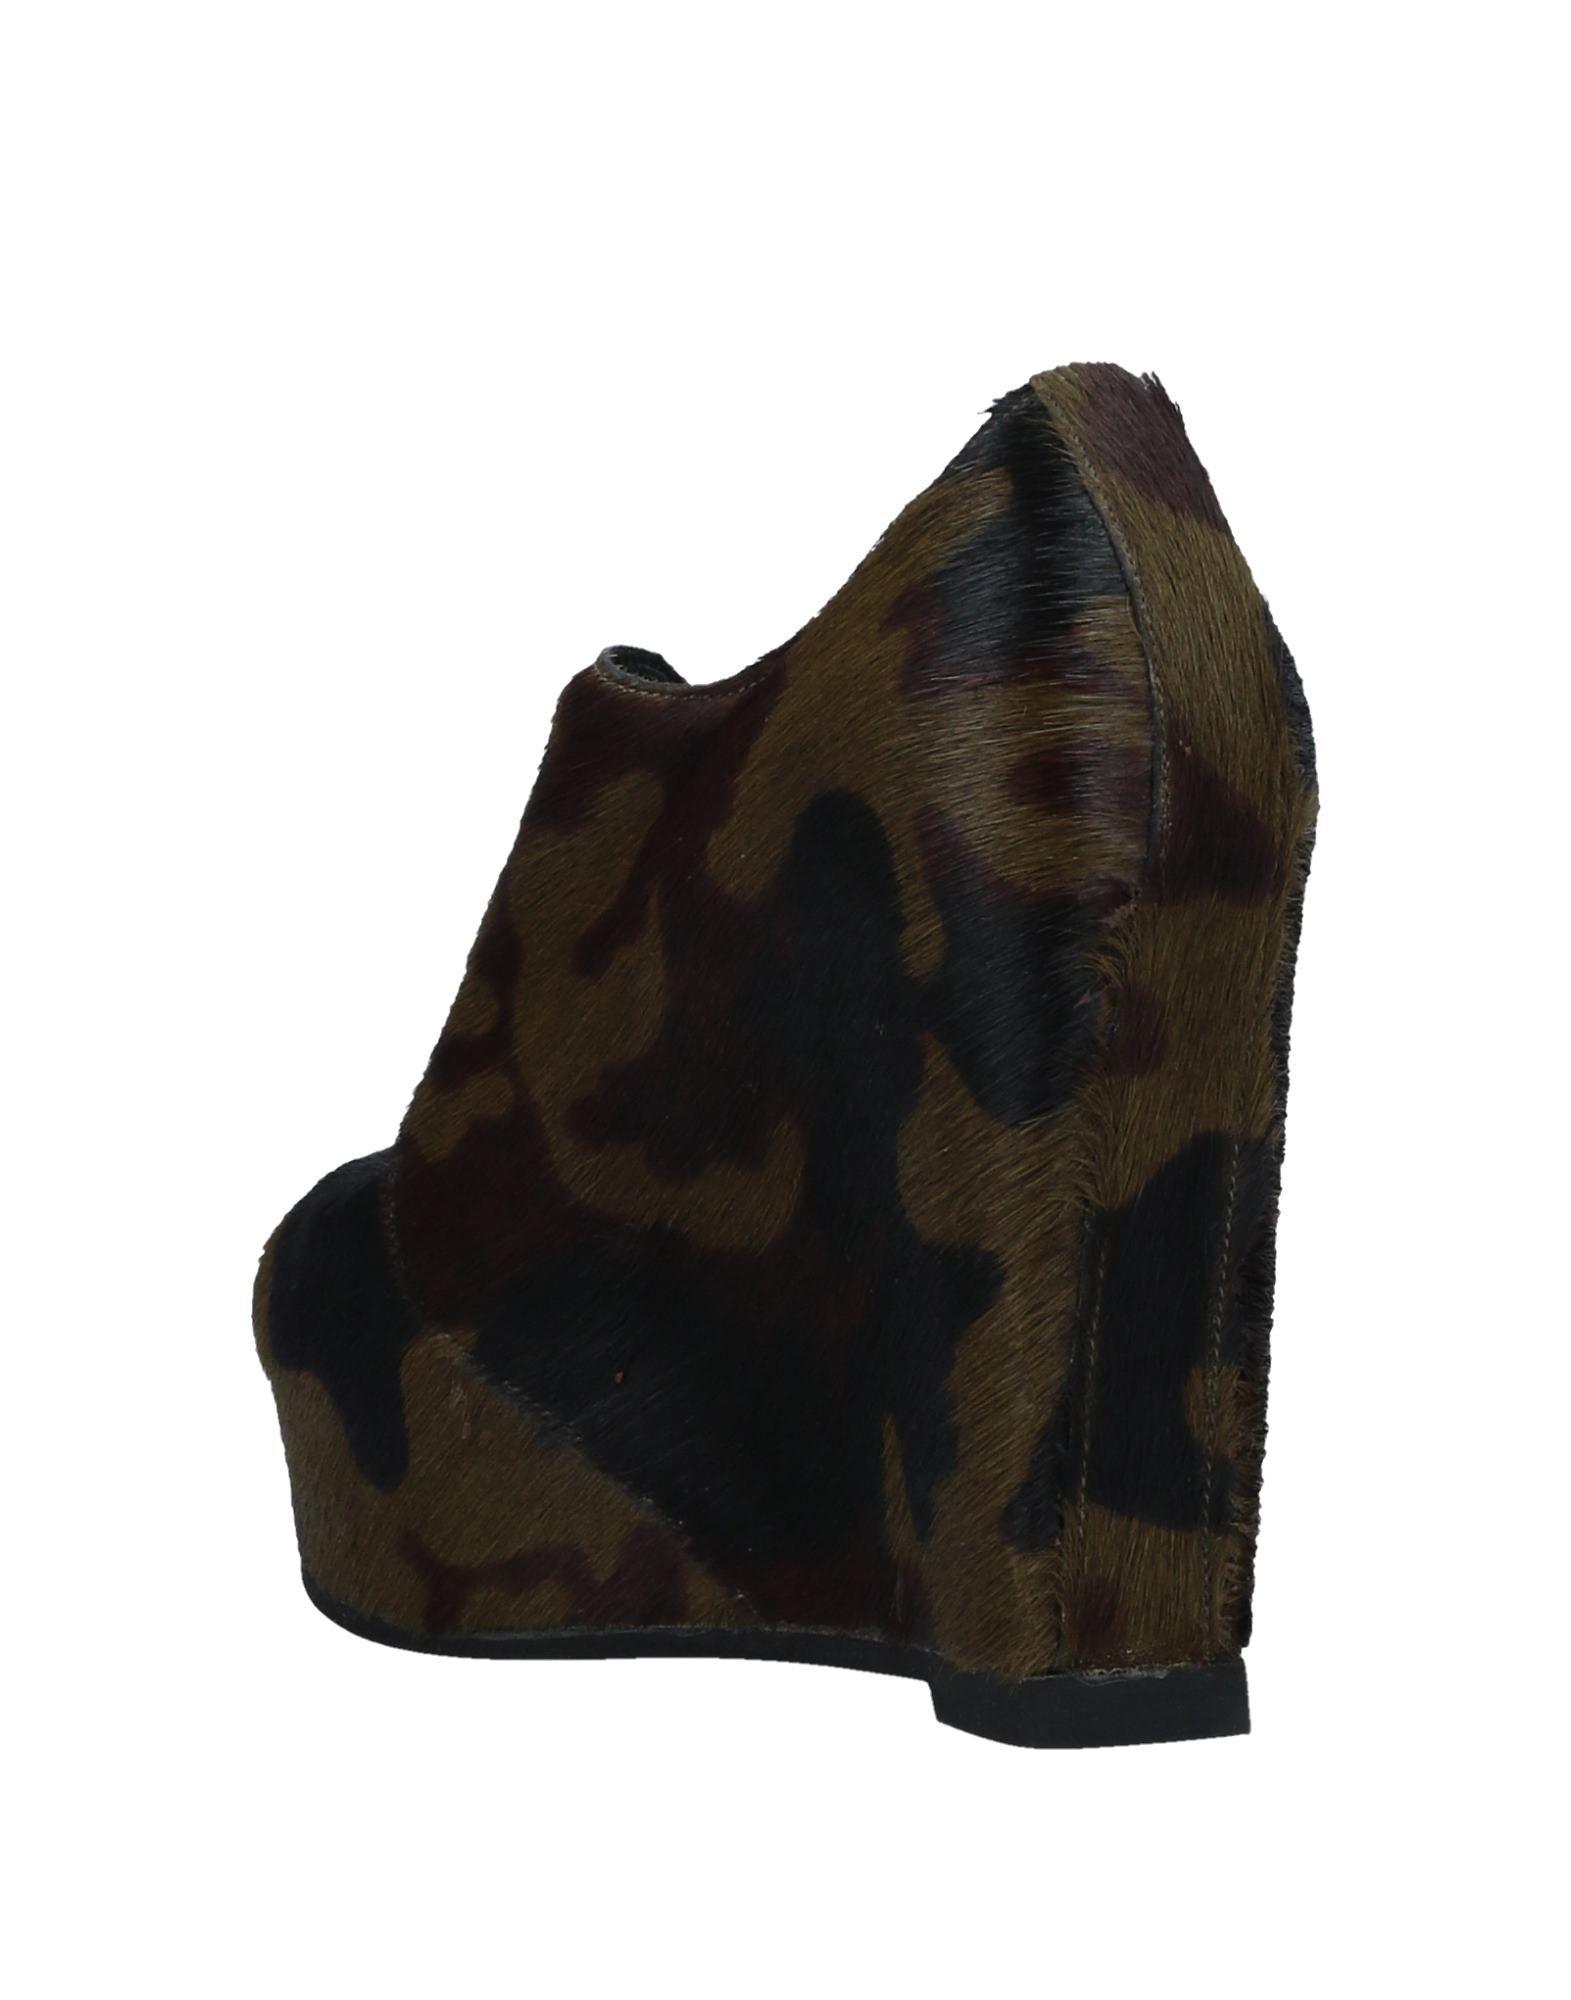 Susana Traca Stiefelette Damen  Schuhe 11537002GW Gute Qualität beliebte Schuhe  281ae9